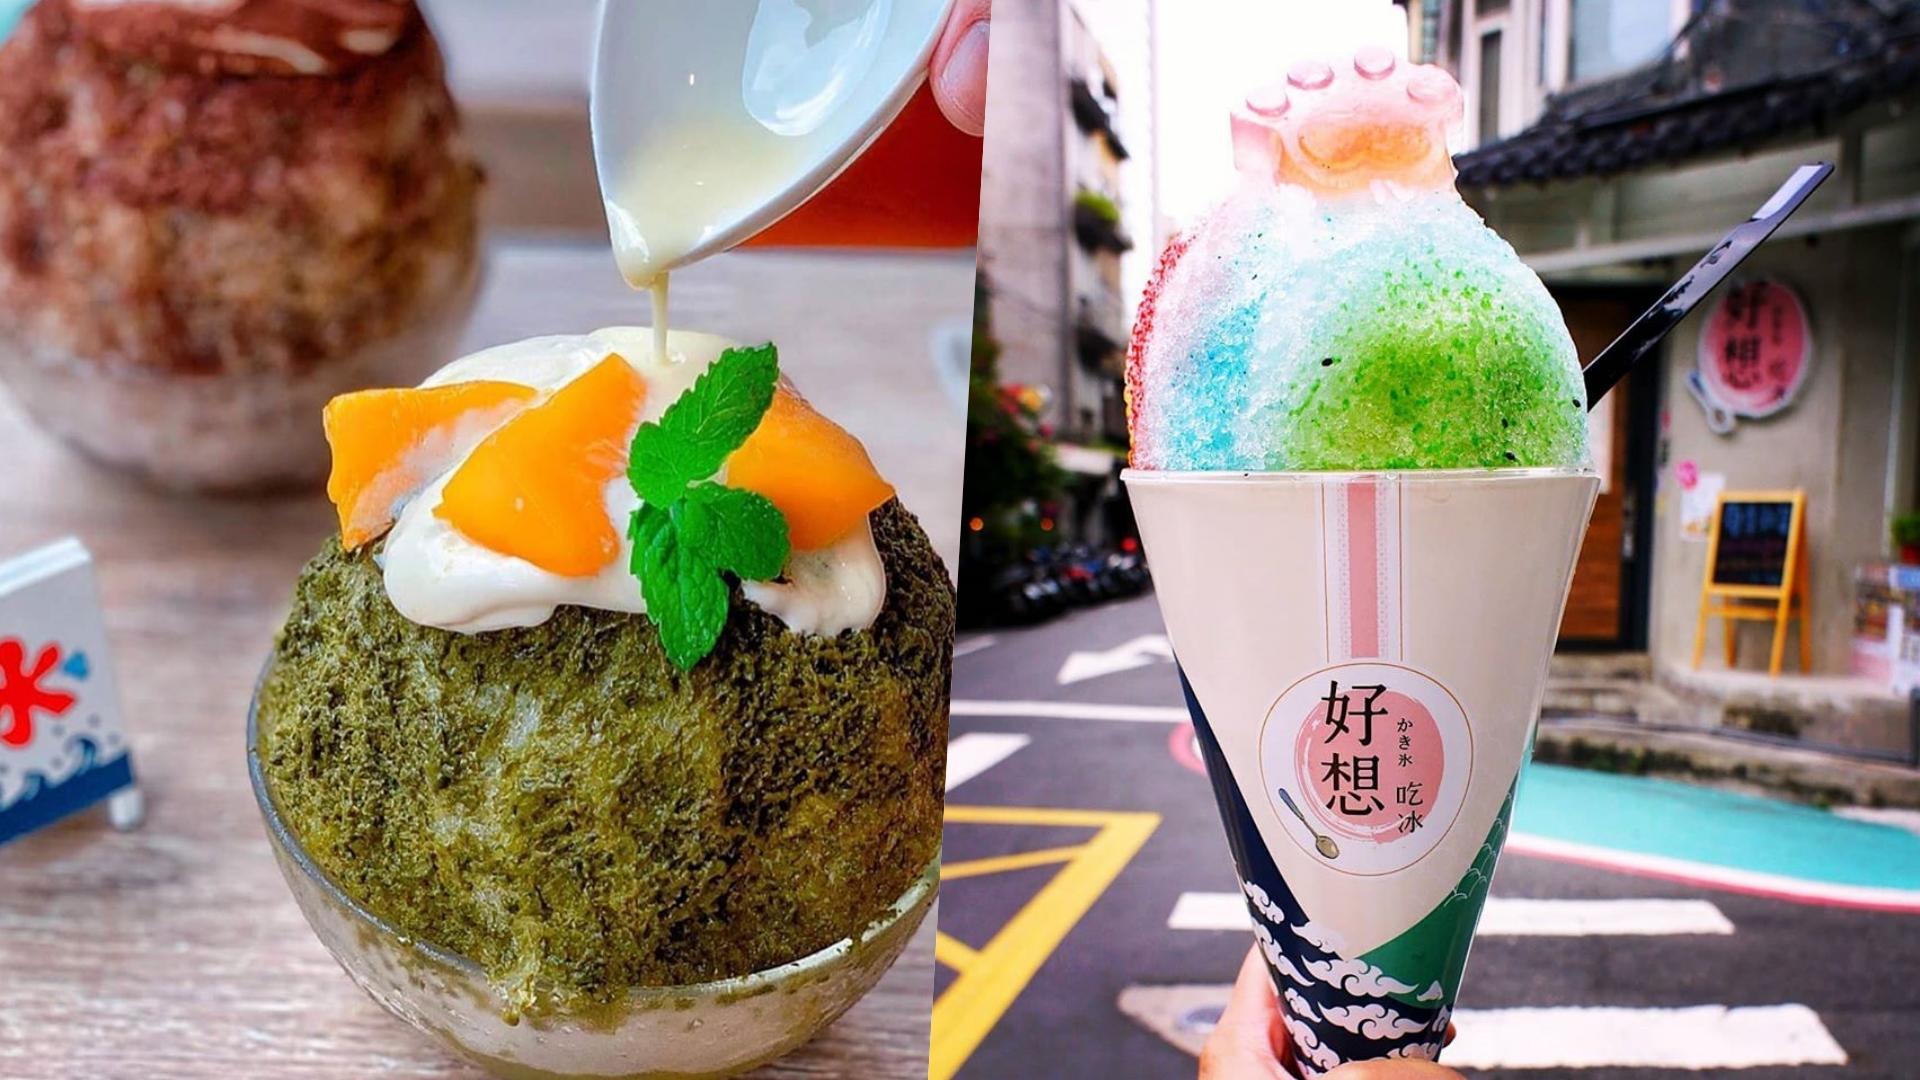 以日式刨冰在網路上爆紅,粉嫩的色系超好拍,店內風格也充滿清新的日式風格。